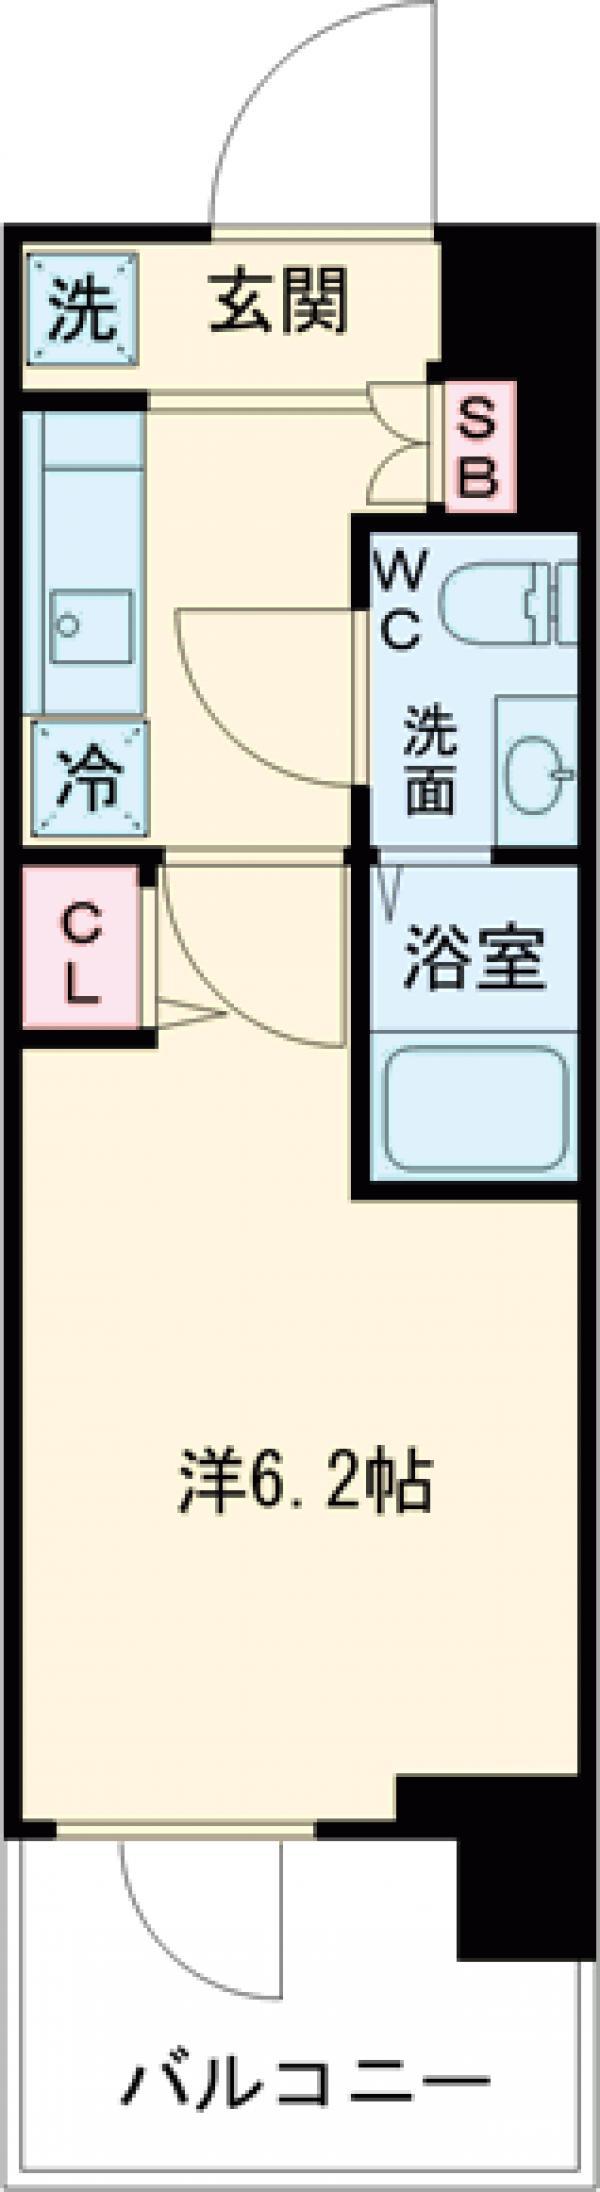 SHOKEN Residence亀有・201号室の間取り